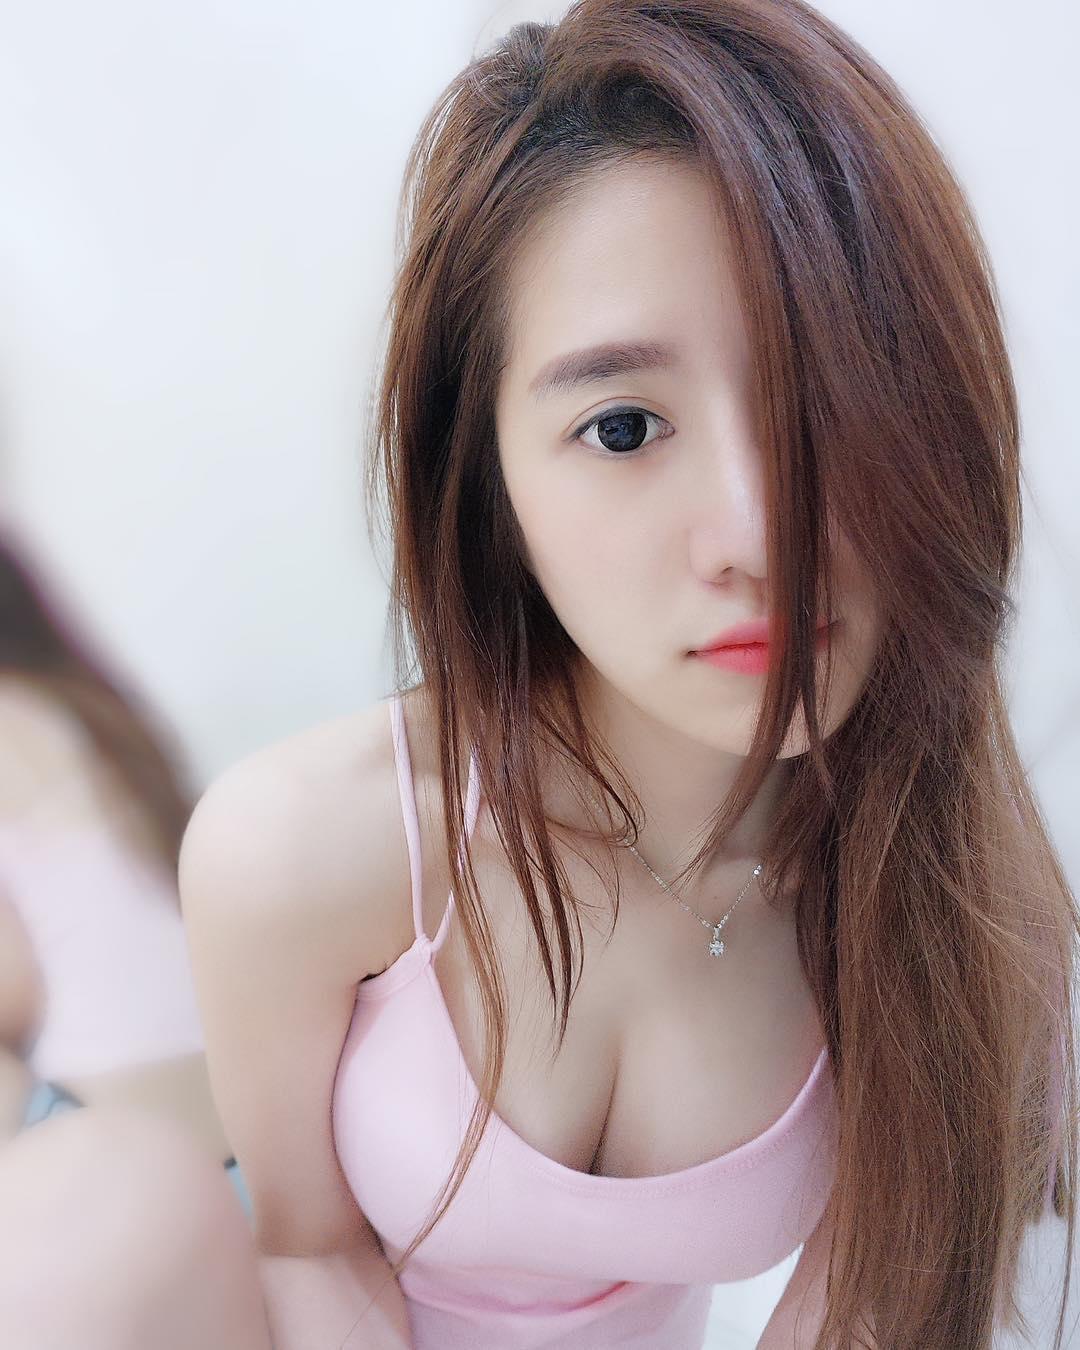 Tan chảy trước hình ảnh nóng bỏng của hot girl Quah Sue Theng